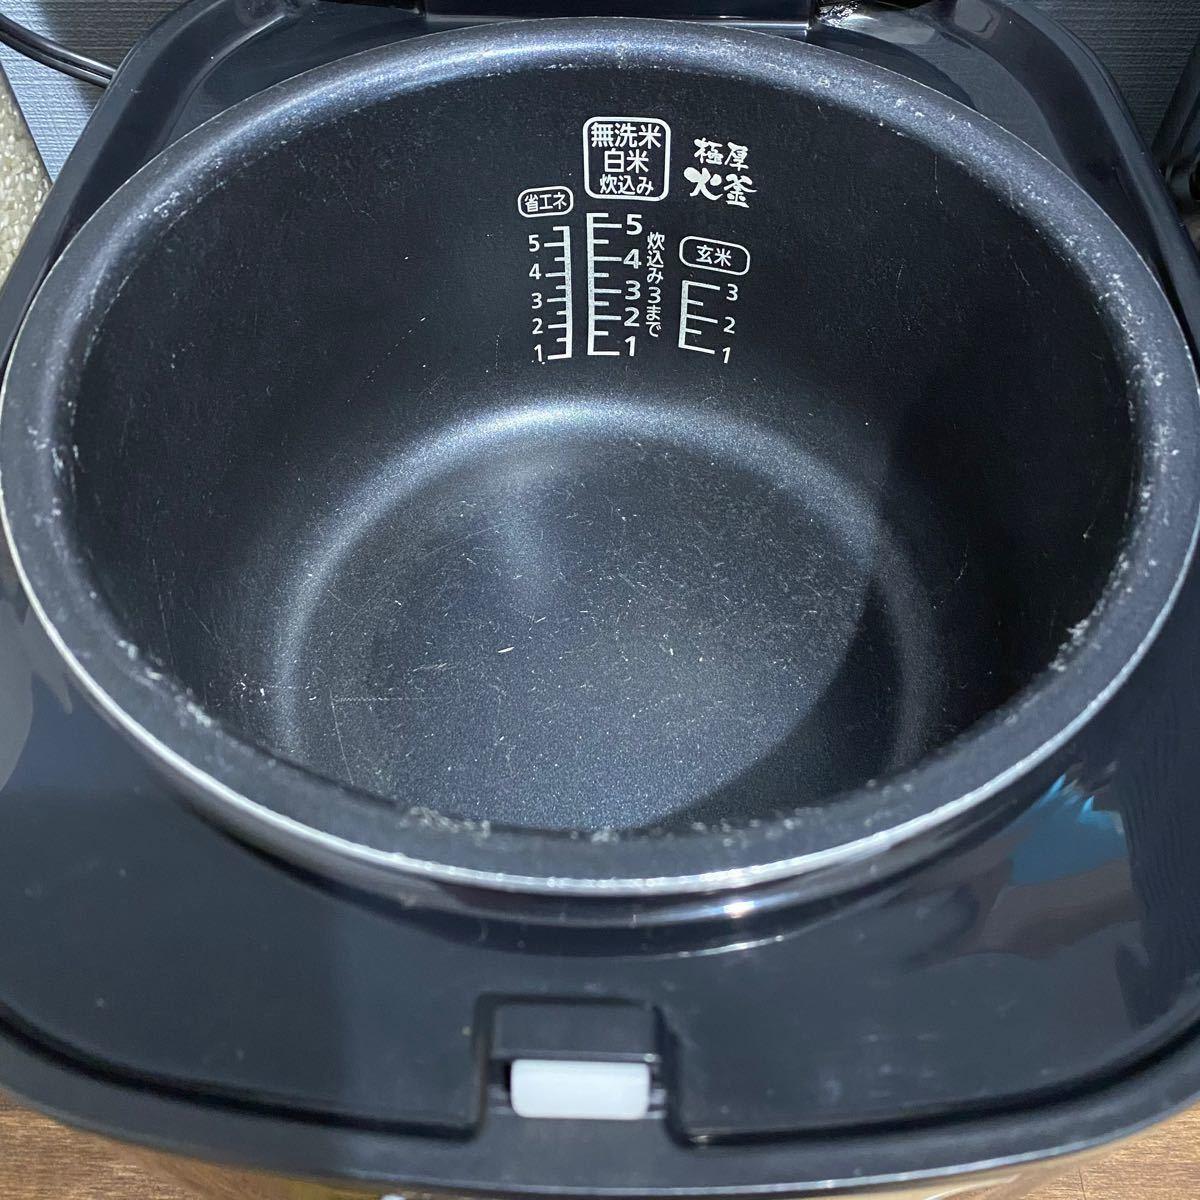 アイリスオーヤマ 炊飯器 マイコン式 5.5合 銘柄炊き分け機能付き